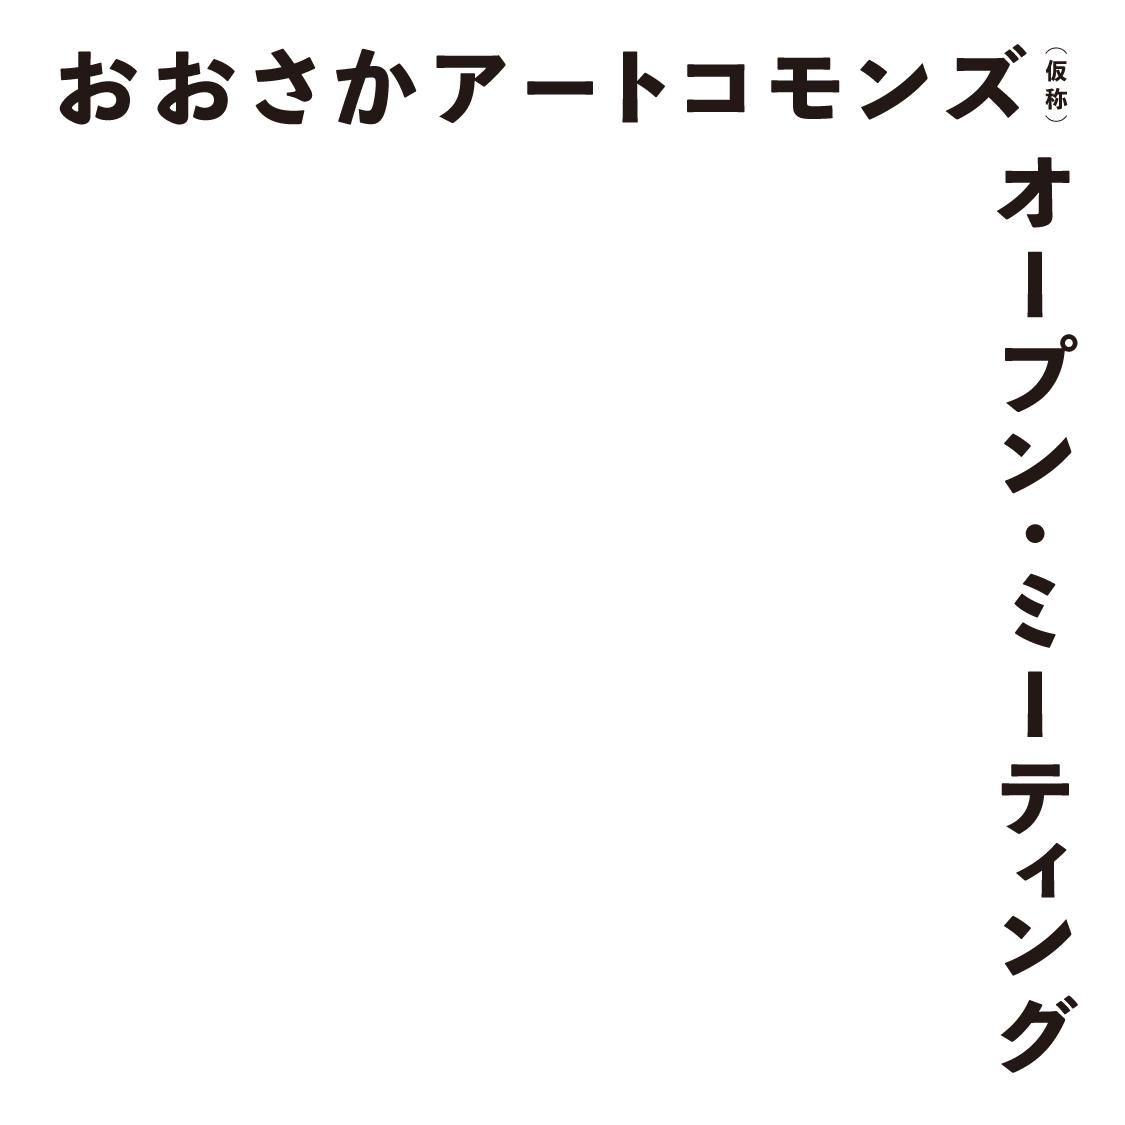 大阪府立江之子島文化芸術創造センター   enoco